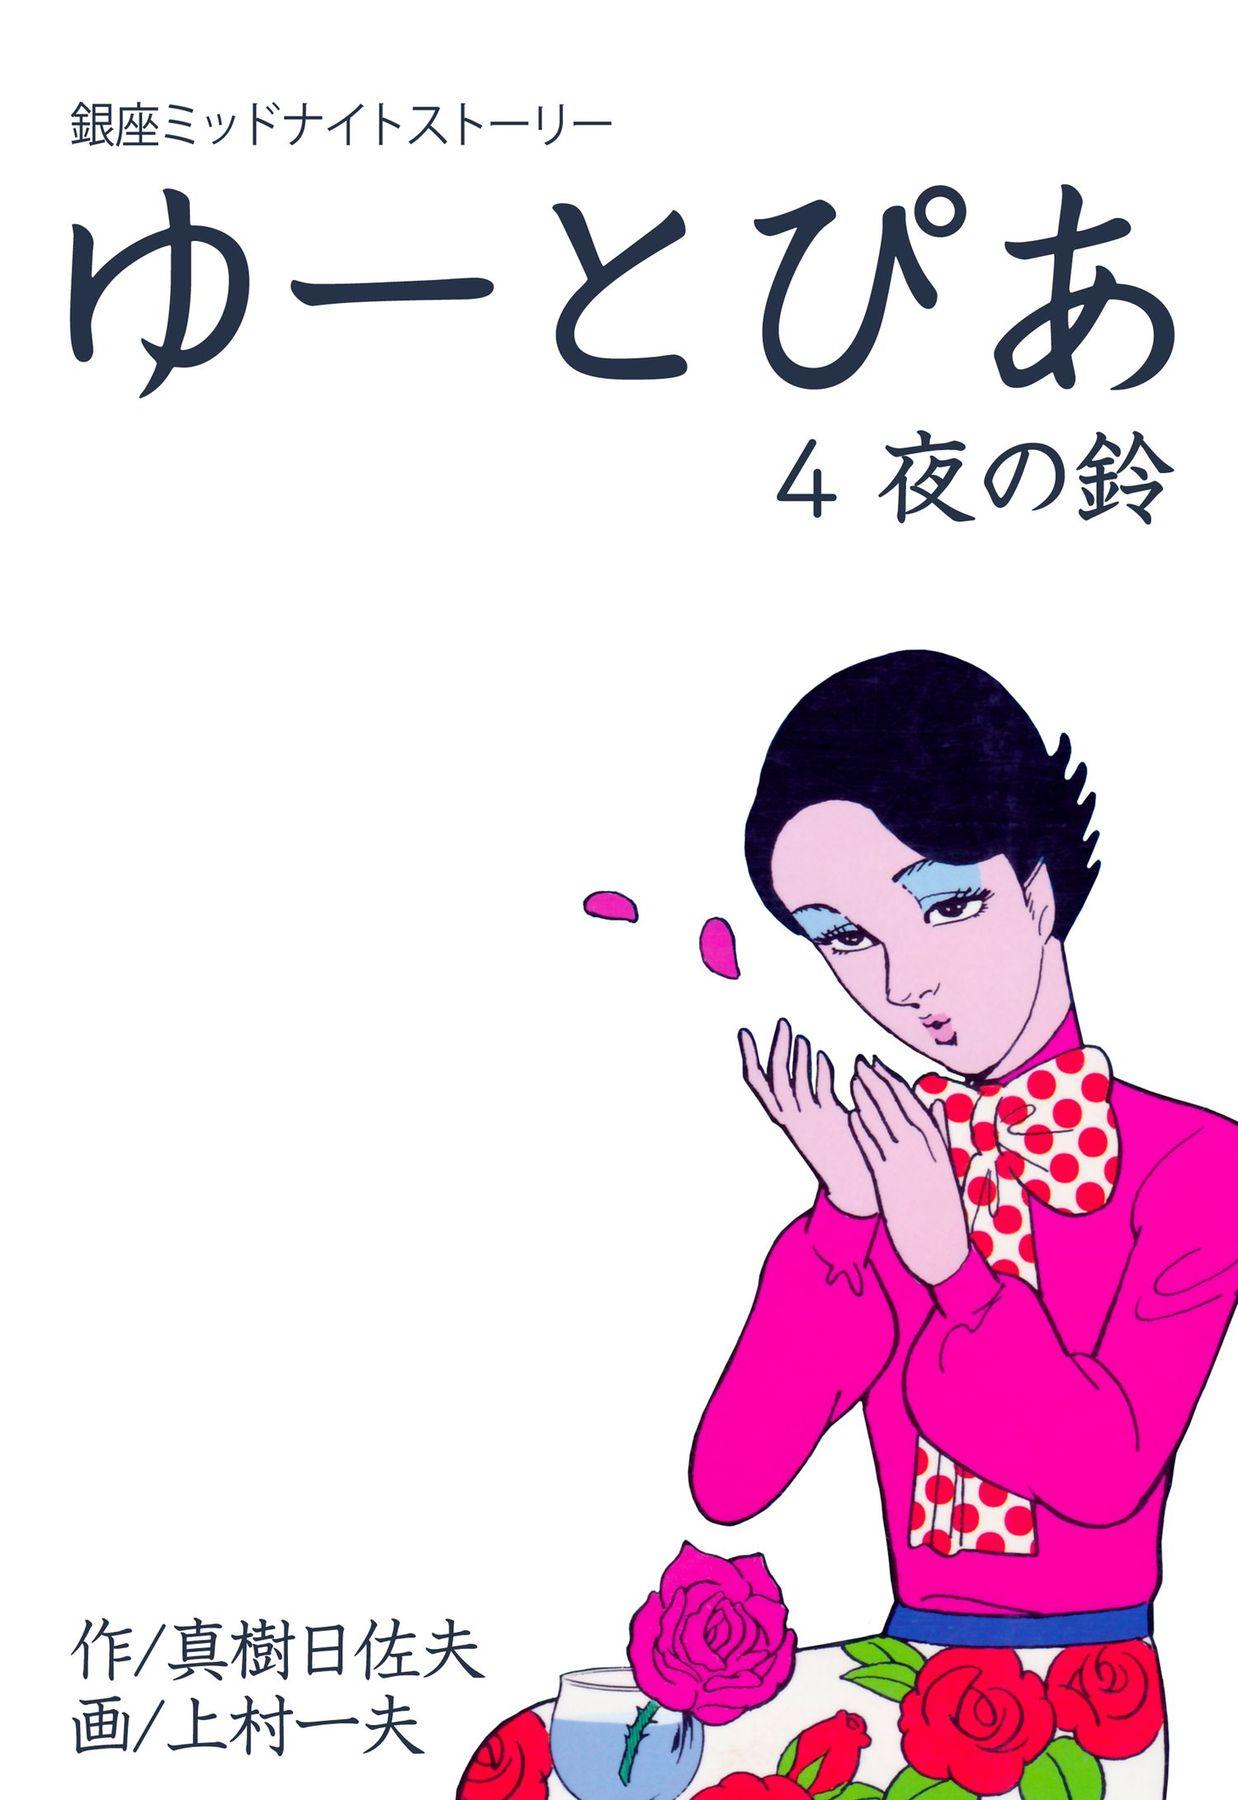 ゆーとぴあ~銀座ミッドナイトストーリー(第4巻)